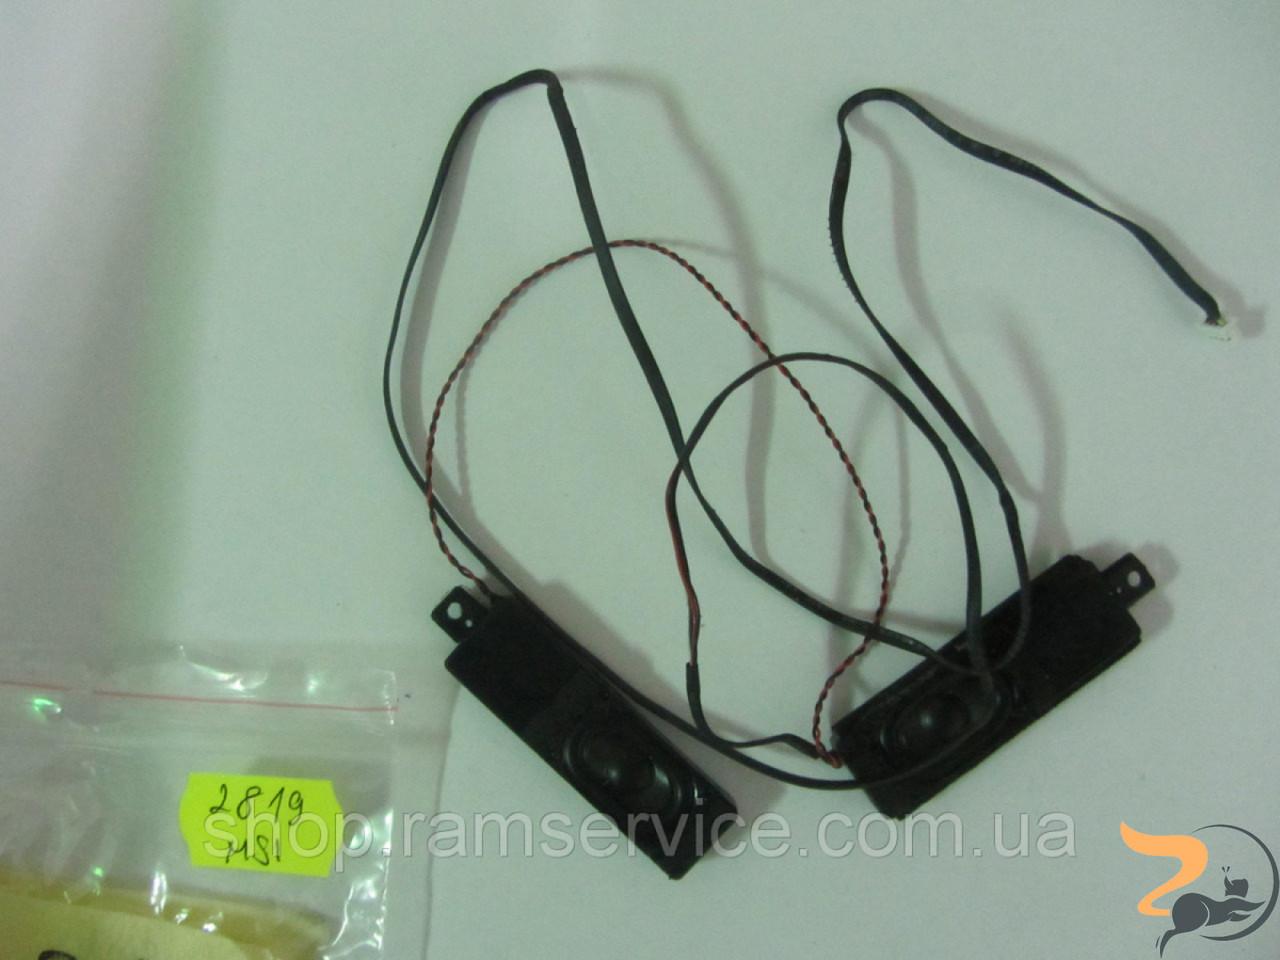 Динаміки MSI VR320, VR330, MS-1325, *2515AP1, б/в